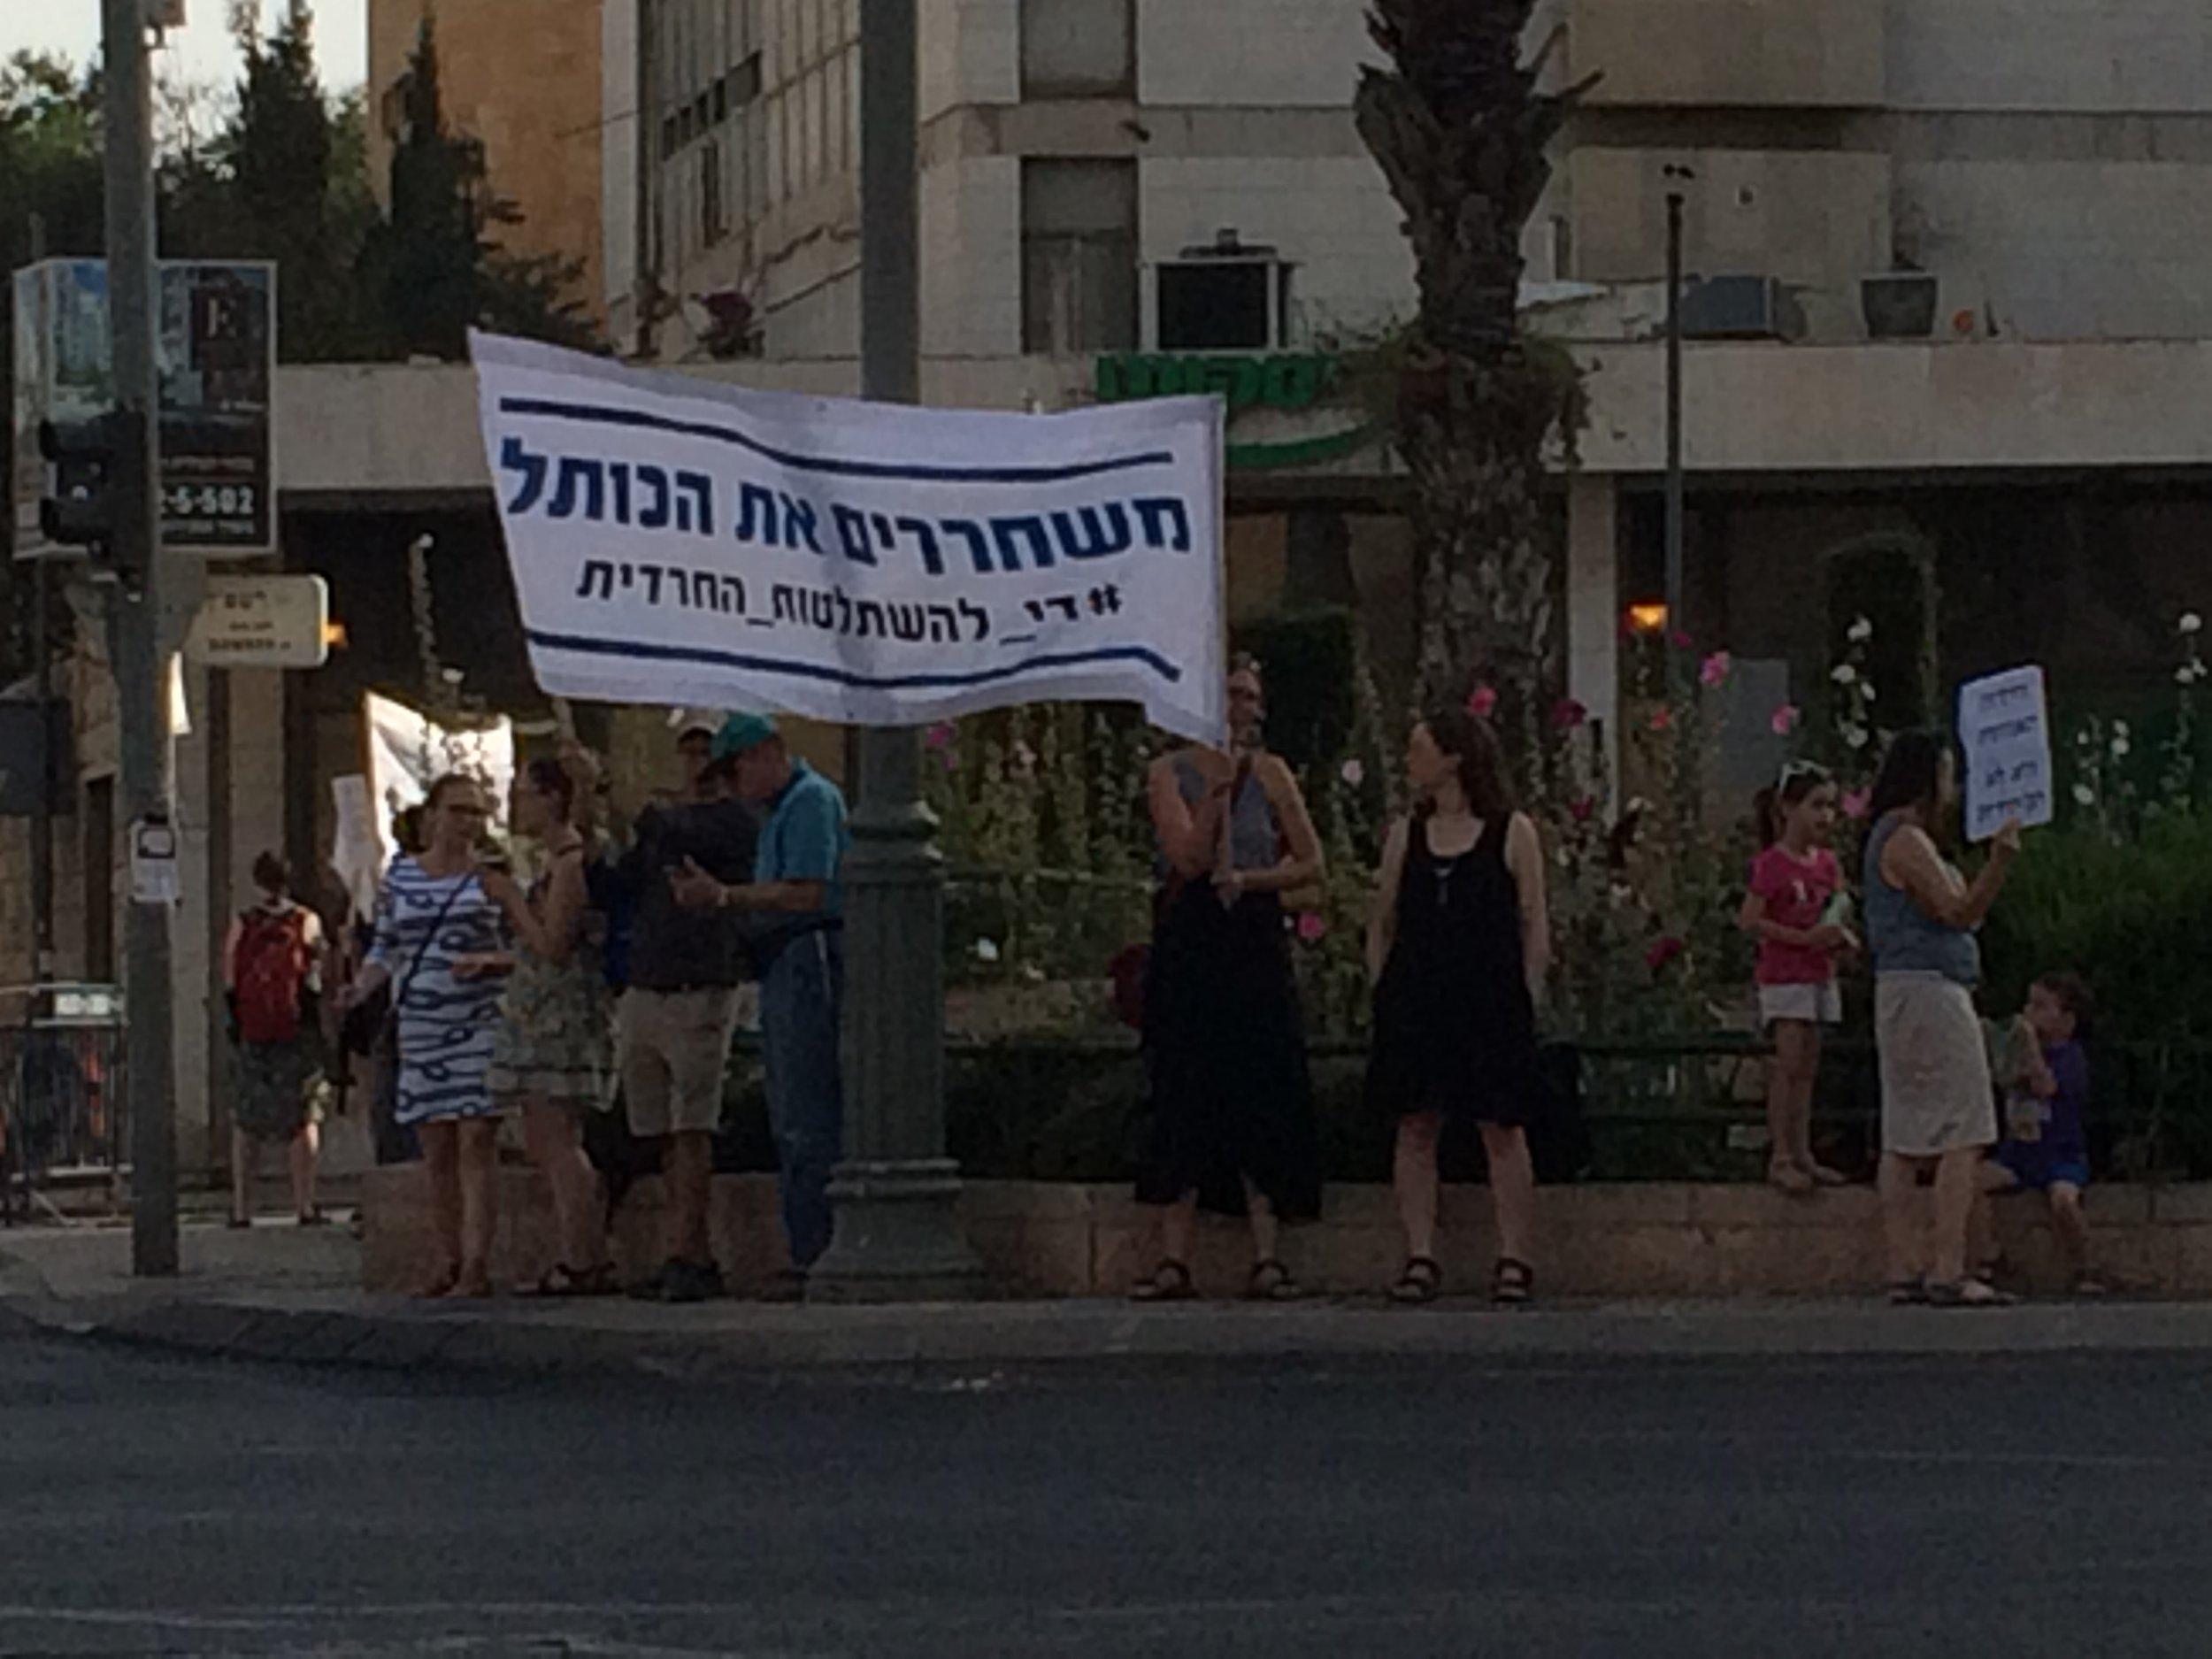 Protesters in Jerusalem